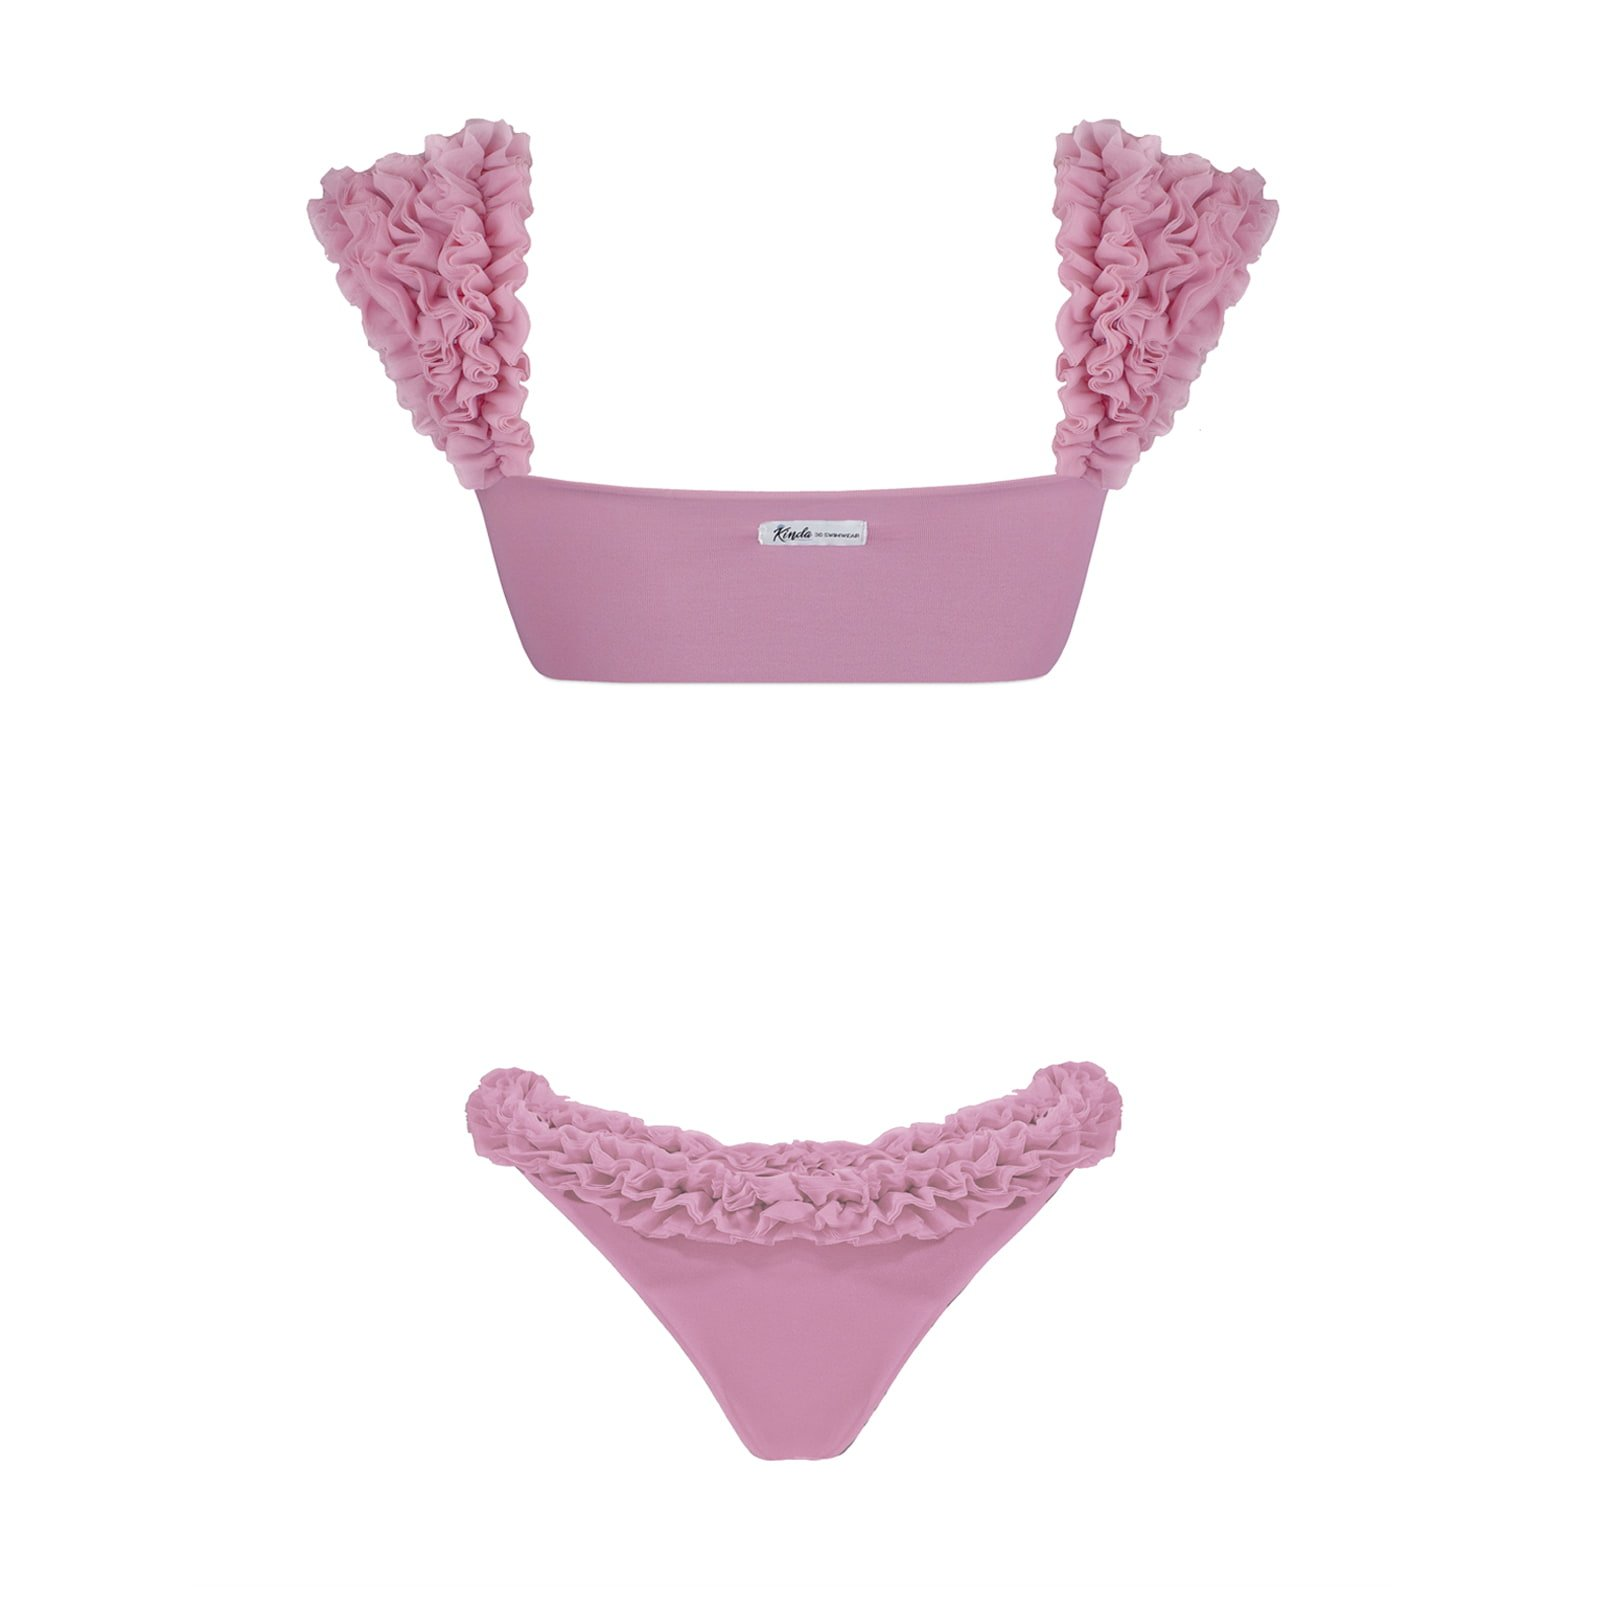 Scarlet pink two piece bikini kinda 3d swimwear pink swimsuit bikini rosa con tulle costume con fiori rosa costume tulle kinda 3d swimwear kindaswimwear costumi da bagno estate 2020 2021 pink bikini costume rosa